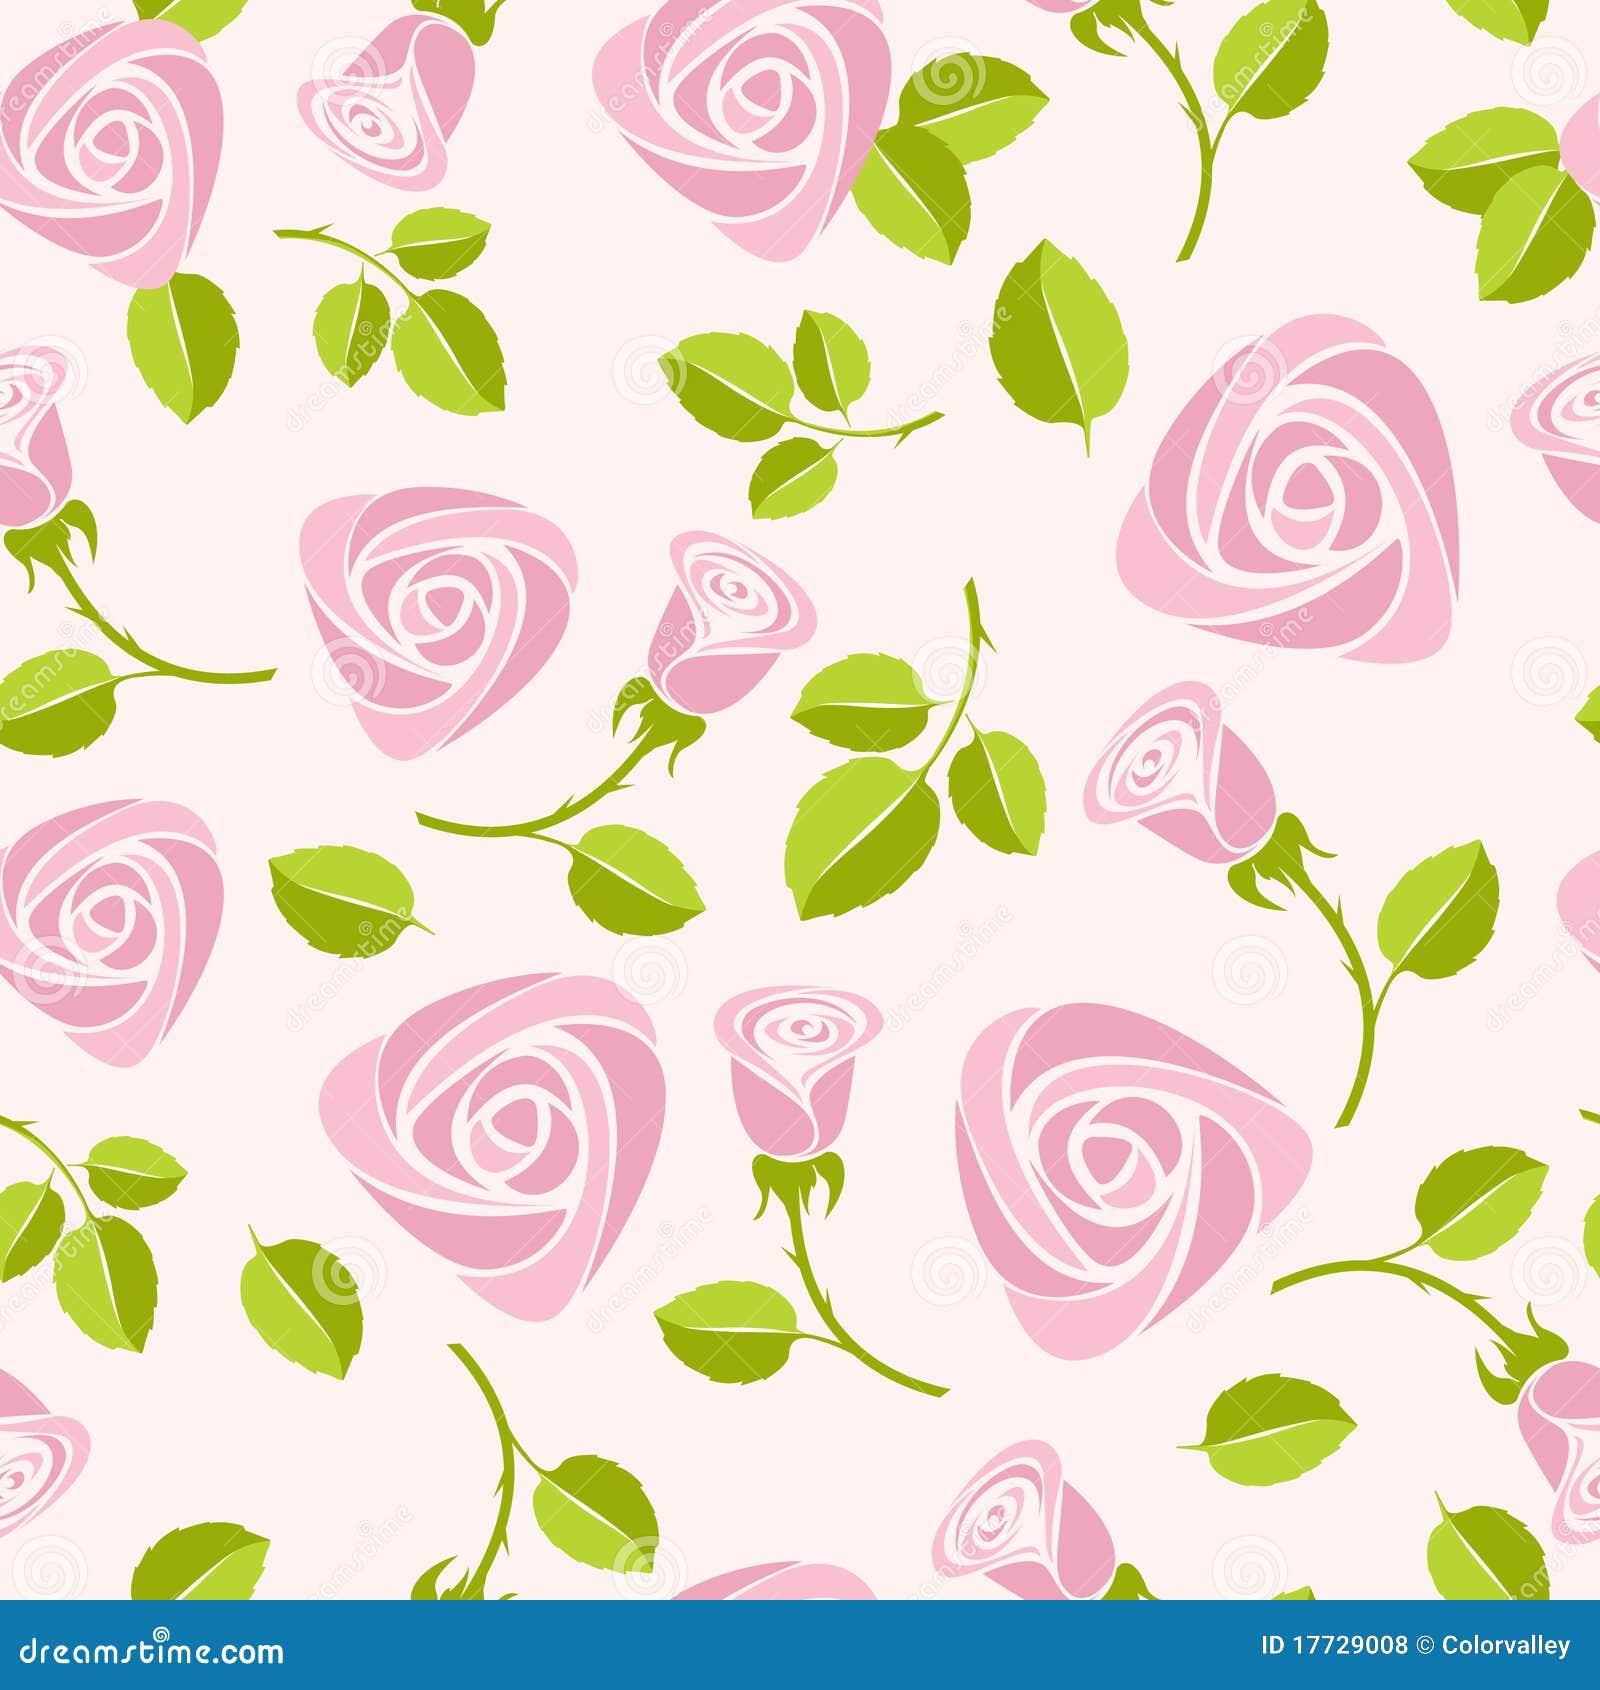 Ilustra    O Colorida Do Fundo Cor De Rosa Floral Sem Emenda